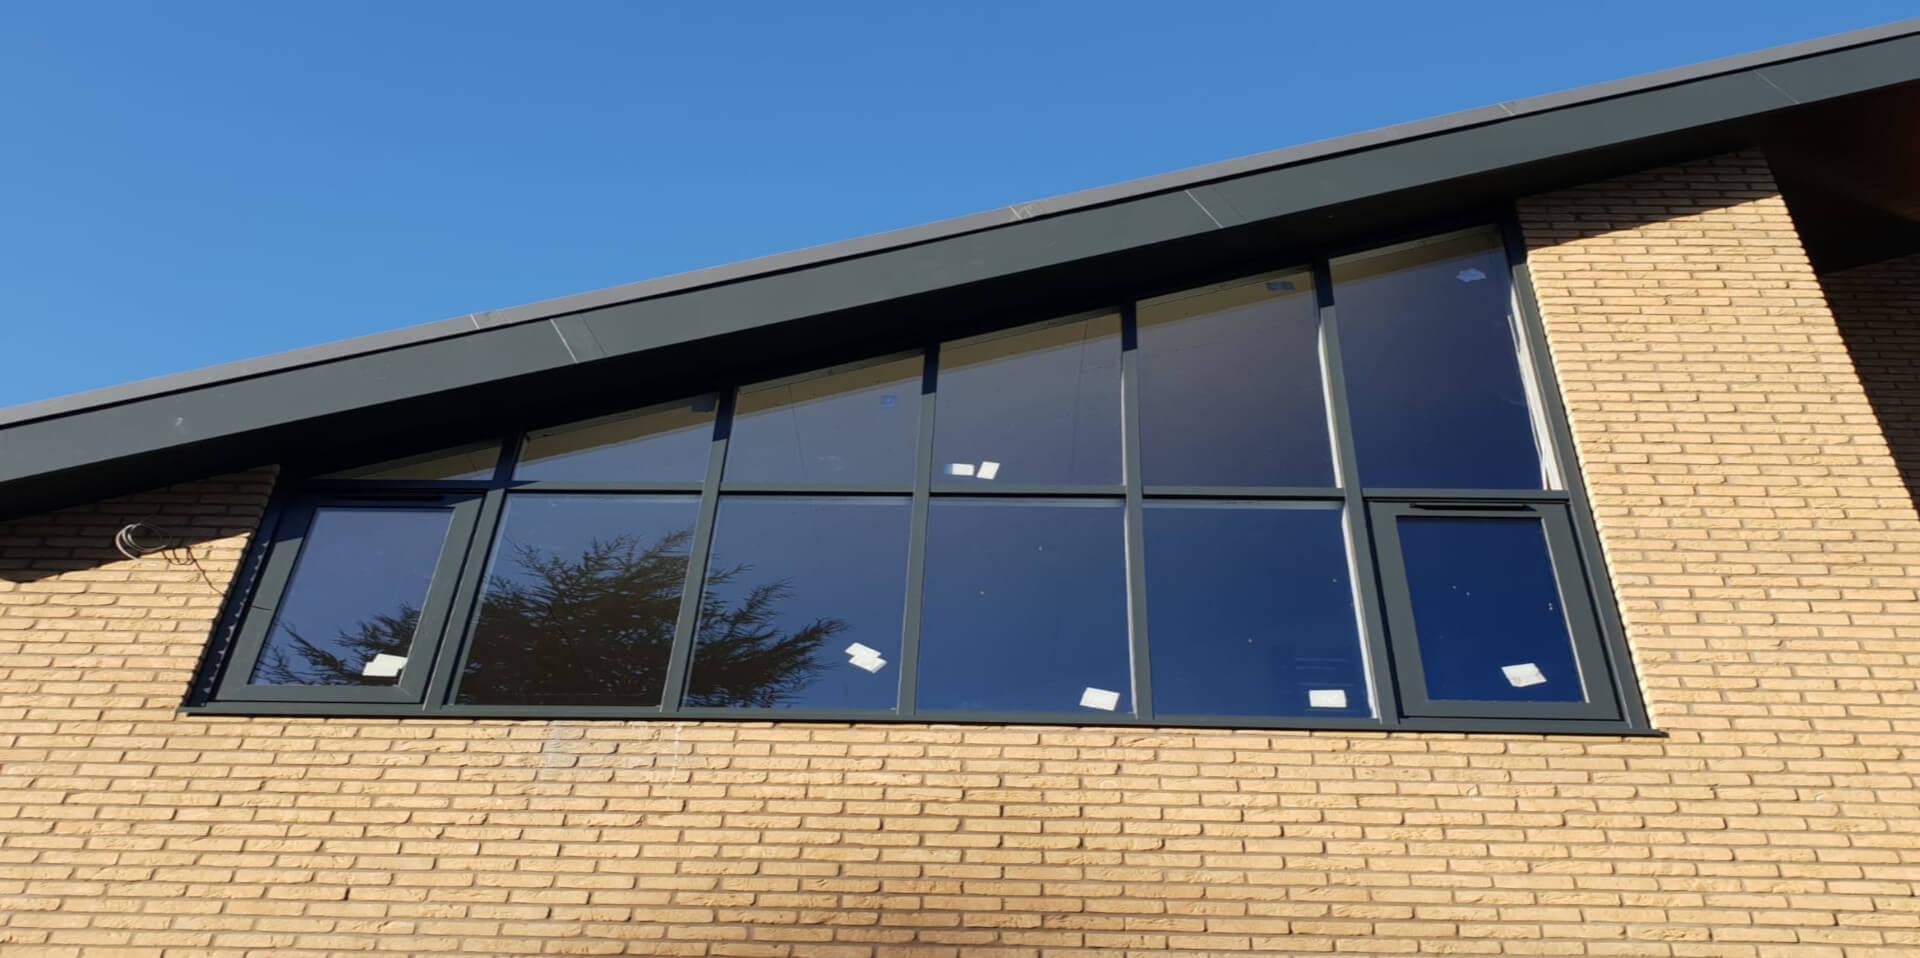 Kestral Aluminium Windows